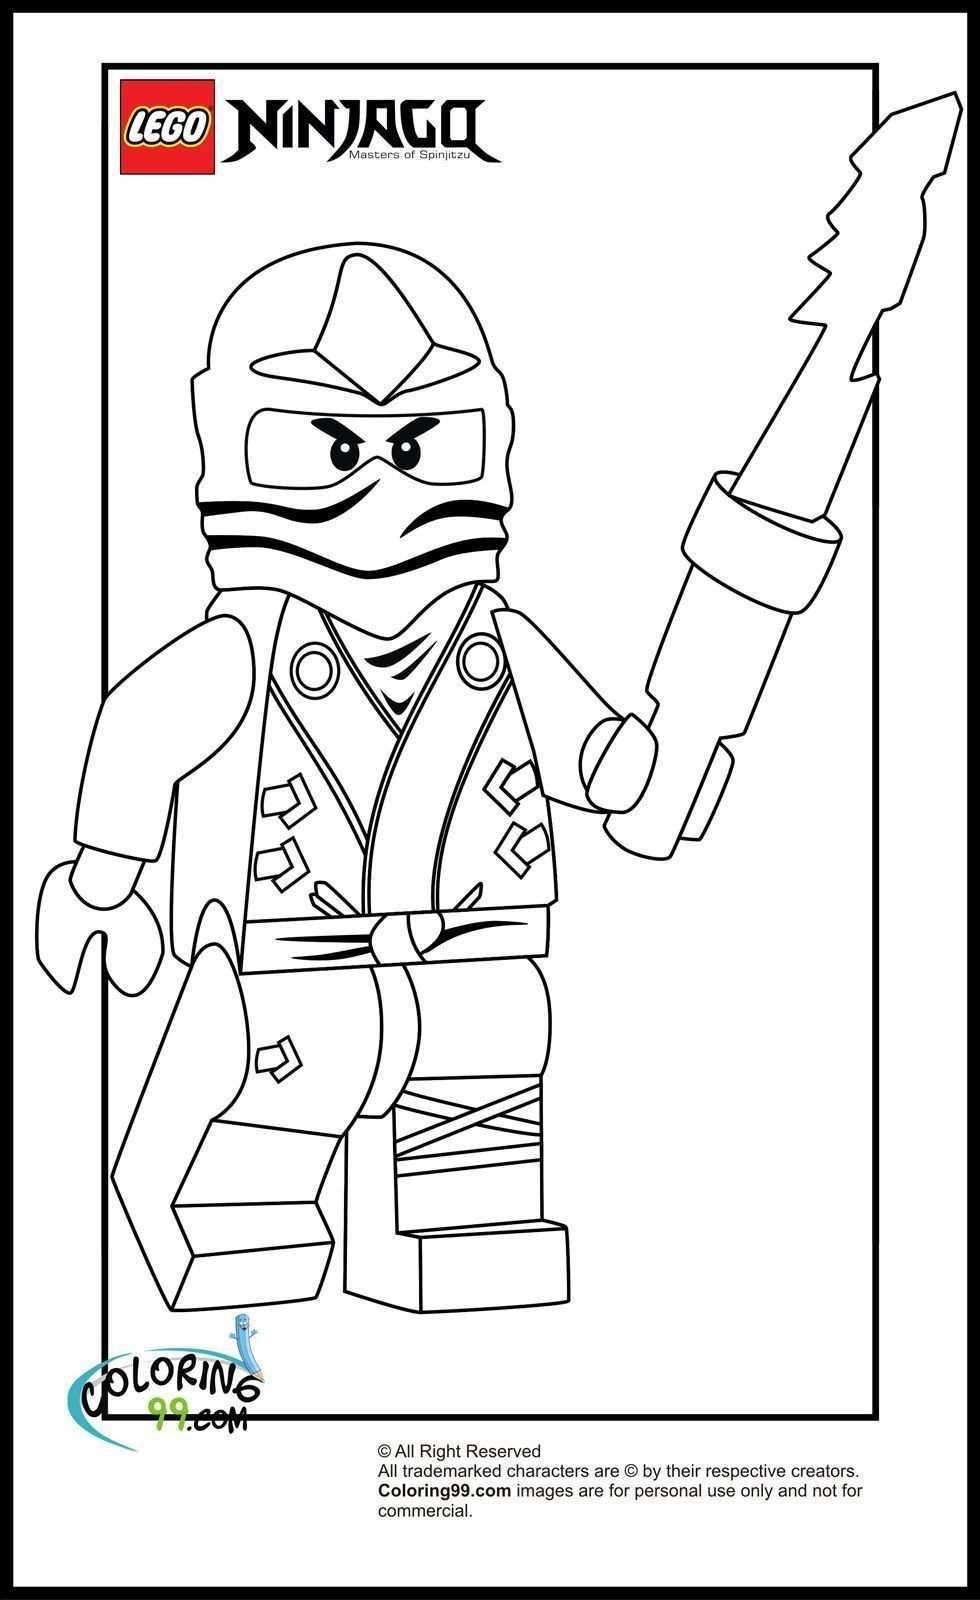 Malvorlagen Lego Ninjago In 2020 Superhelden Malvorlagen Ausmalbilder Ausmalen